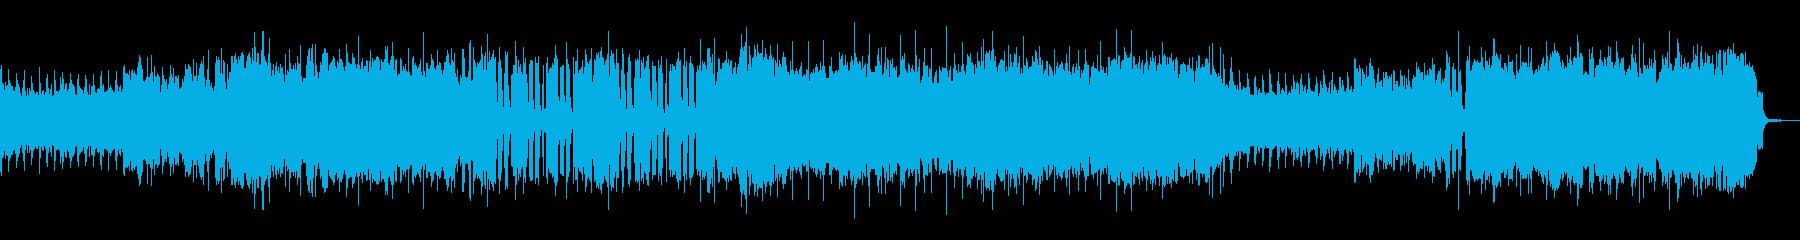 ロックンロールなリフの再生済みの波形